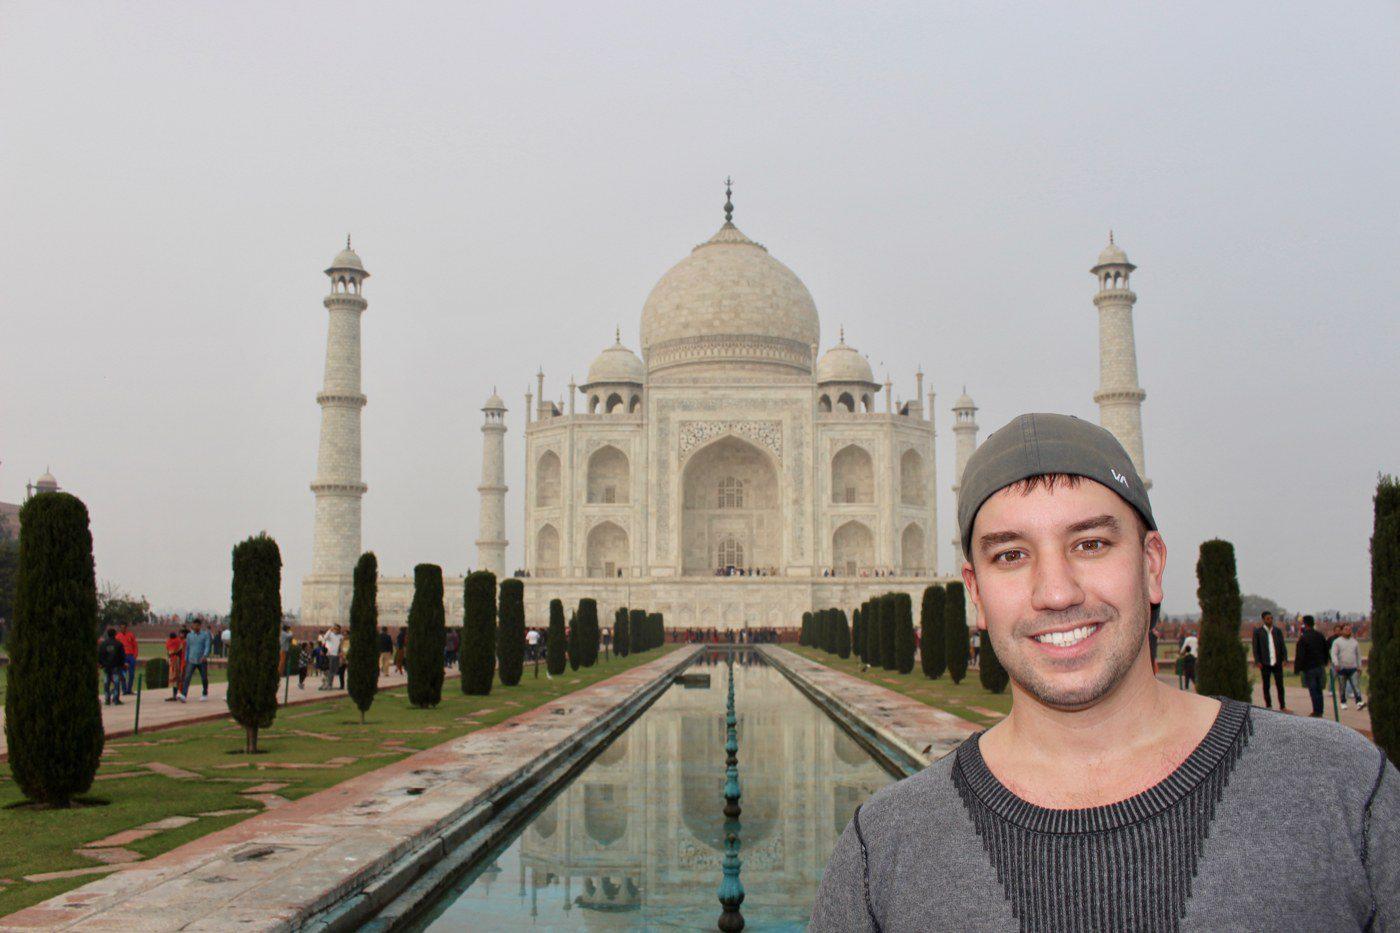 Seeing the Taj Mahal in Person!